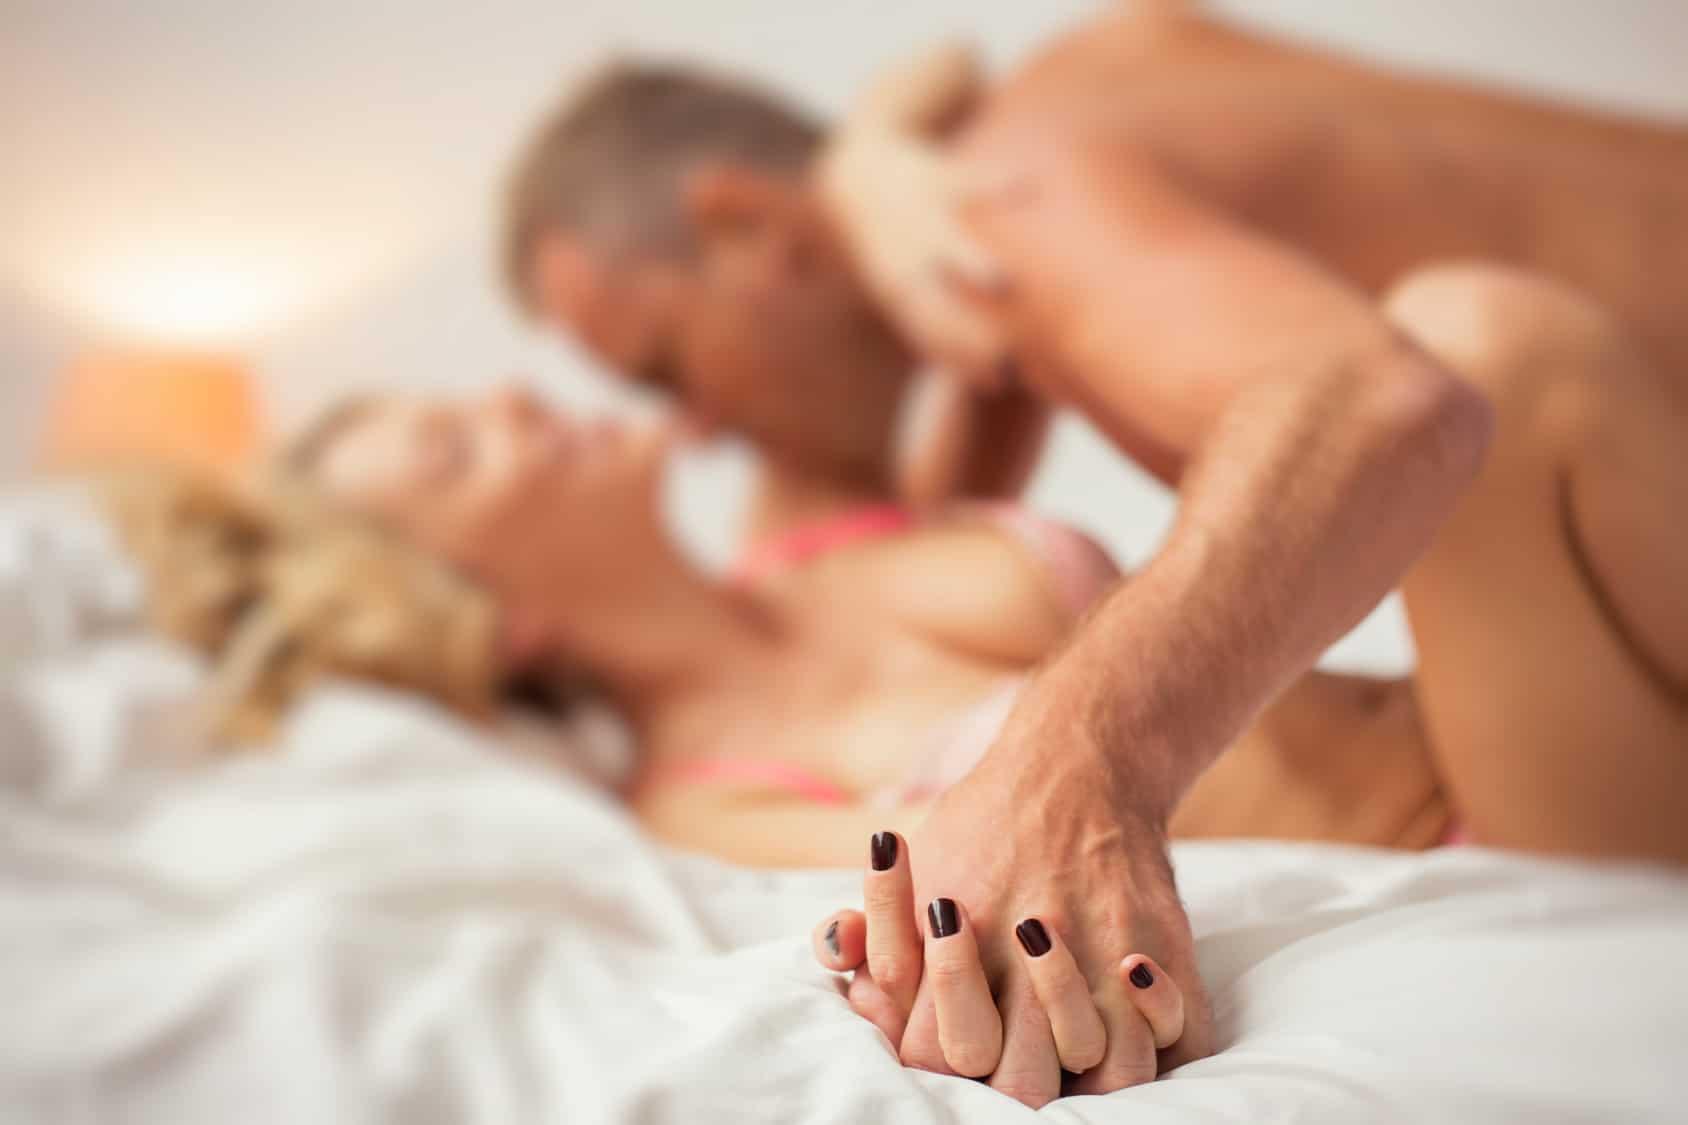 Ein Paar liegt im Bett. Der Mann liegt auf der Frau und küsst sie am Hals. Beide strahlen durch die Mimik und Gestik Selsbtbewusstsein aus. Die Frau hat lange blunde Haare und der Mann kurze graue Haare. Die Frau hat schwarz lackierte Fingernägel.